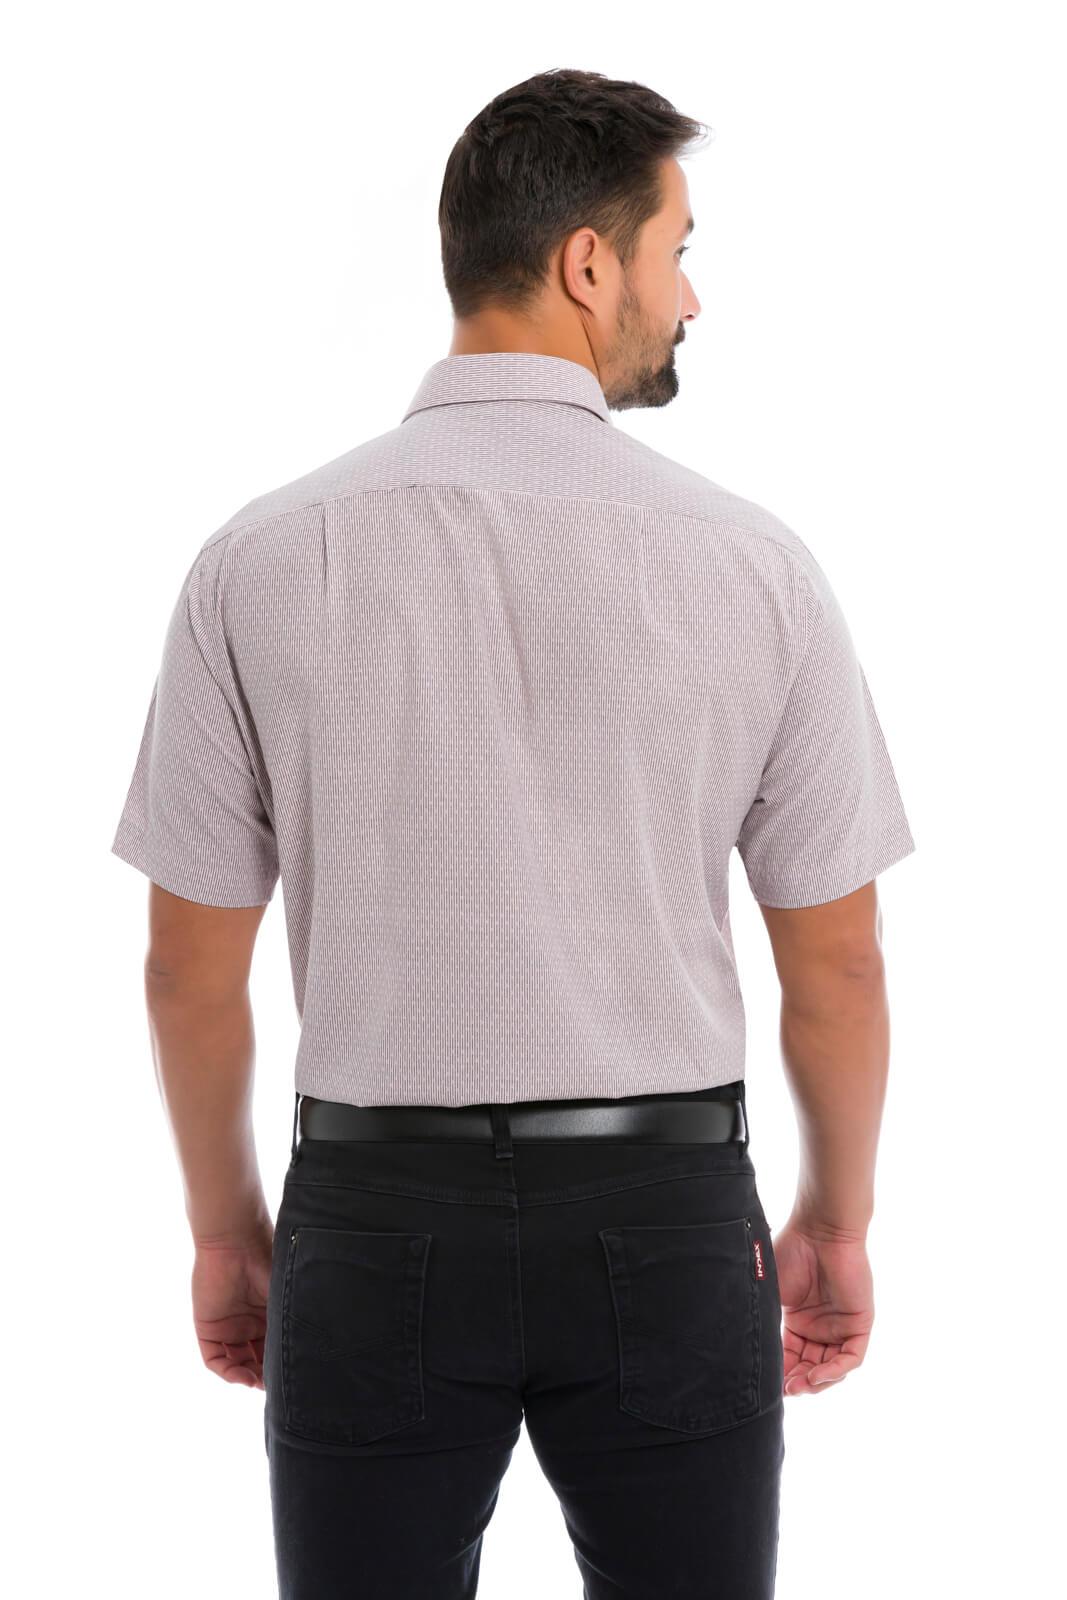 Camisa Social Masculina Olimpo Listra Fina Maquinetada com Bolso Manga Curta Rosa